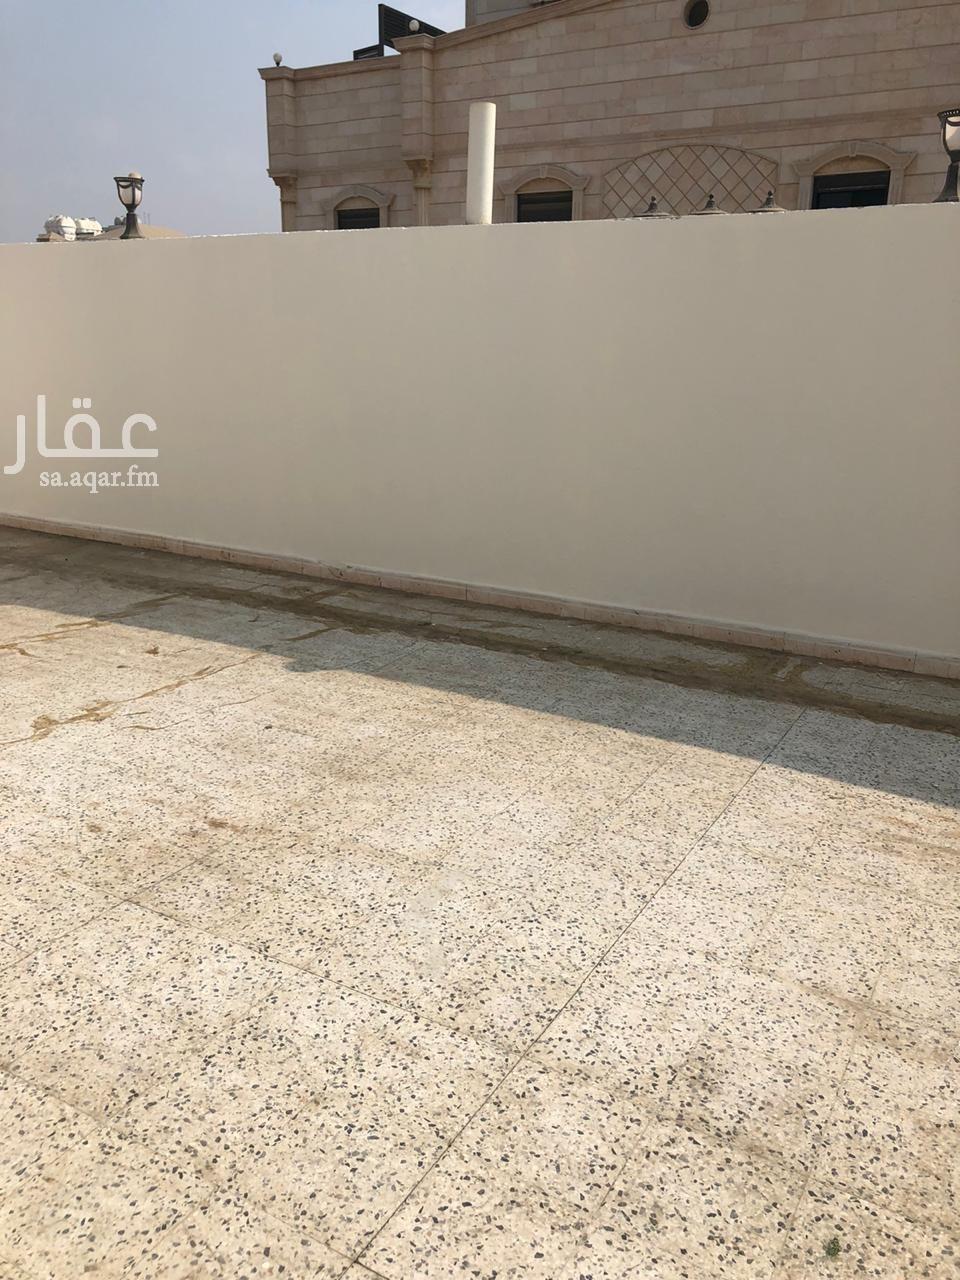 شقة للإيجار في شارع محمود بري ، حي الروضة ، جدة